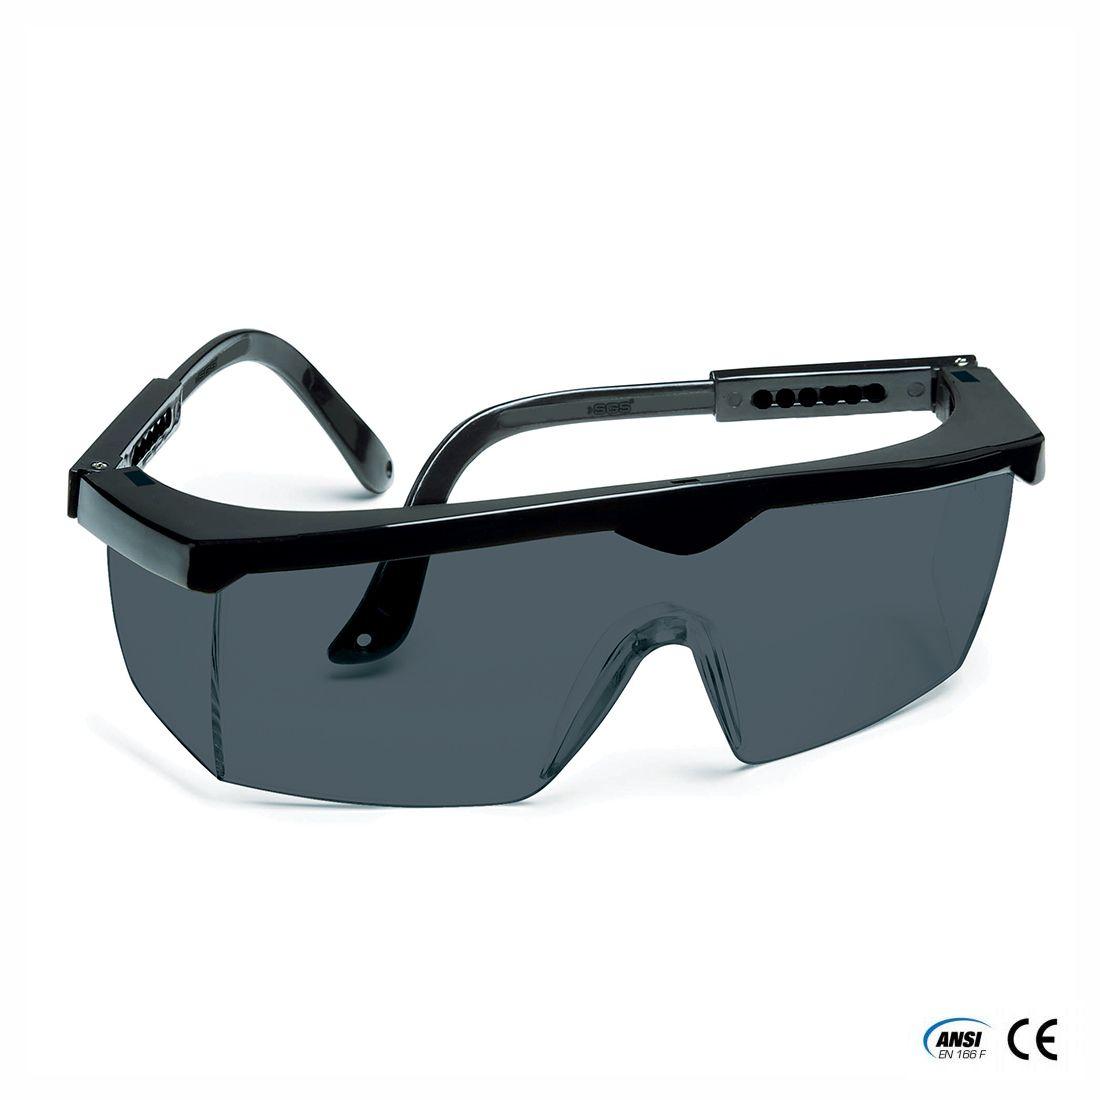 SGS Füme Oksijen Kaynak Gözlüğü